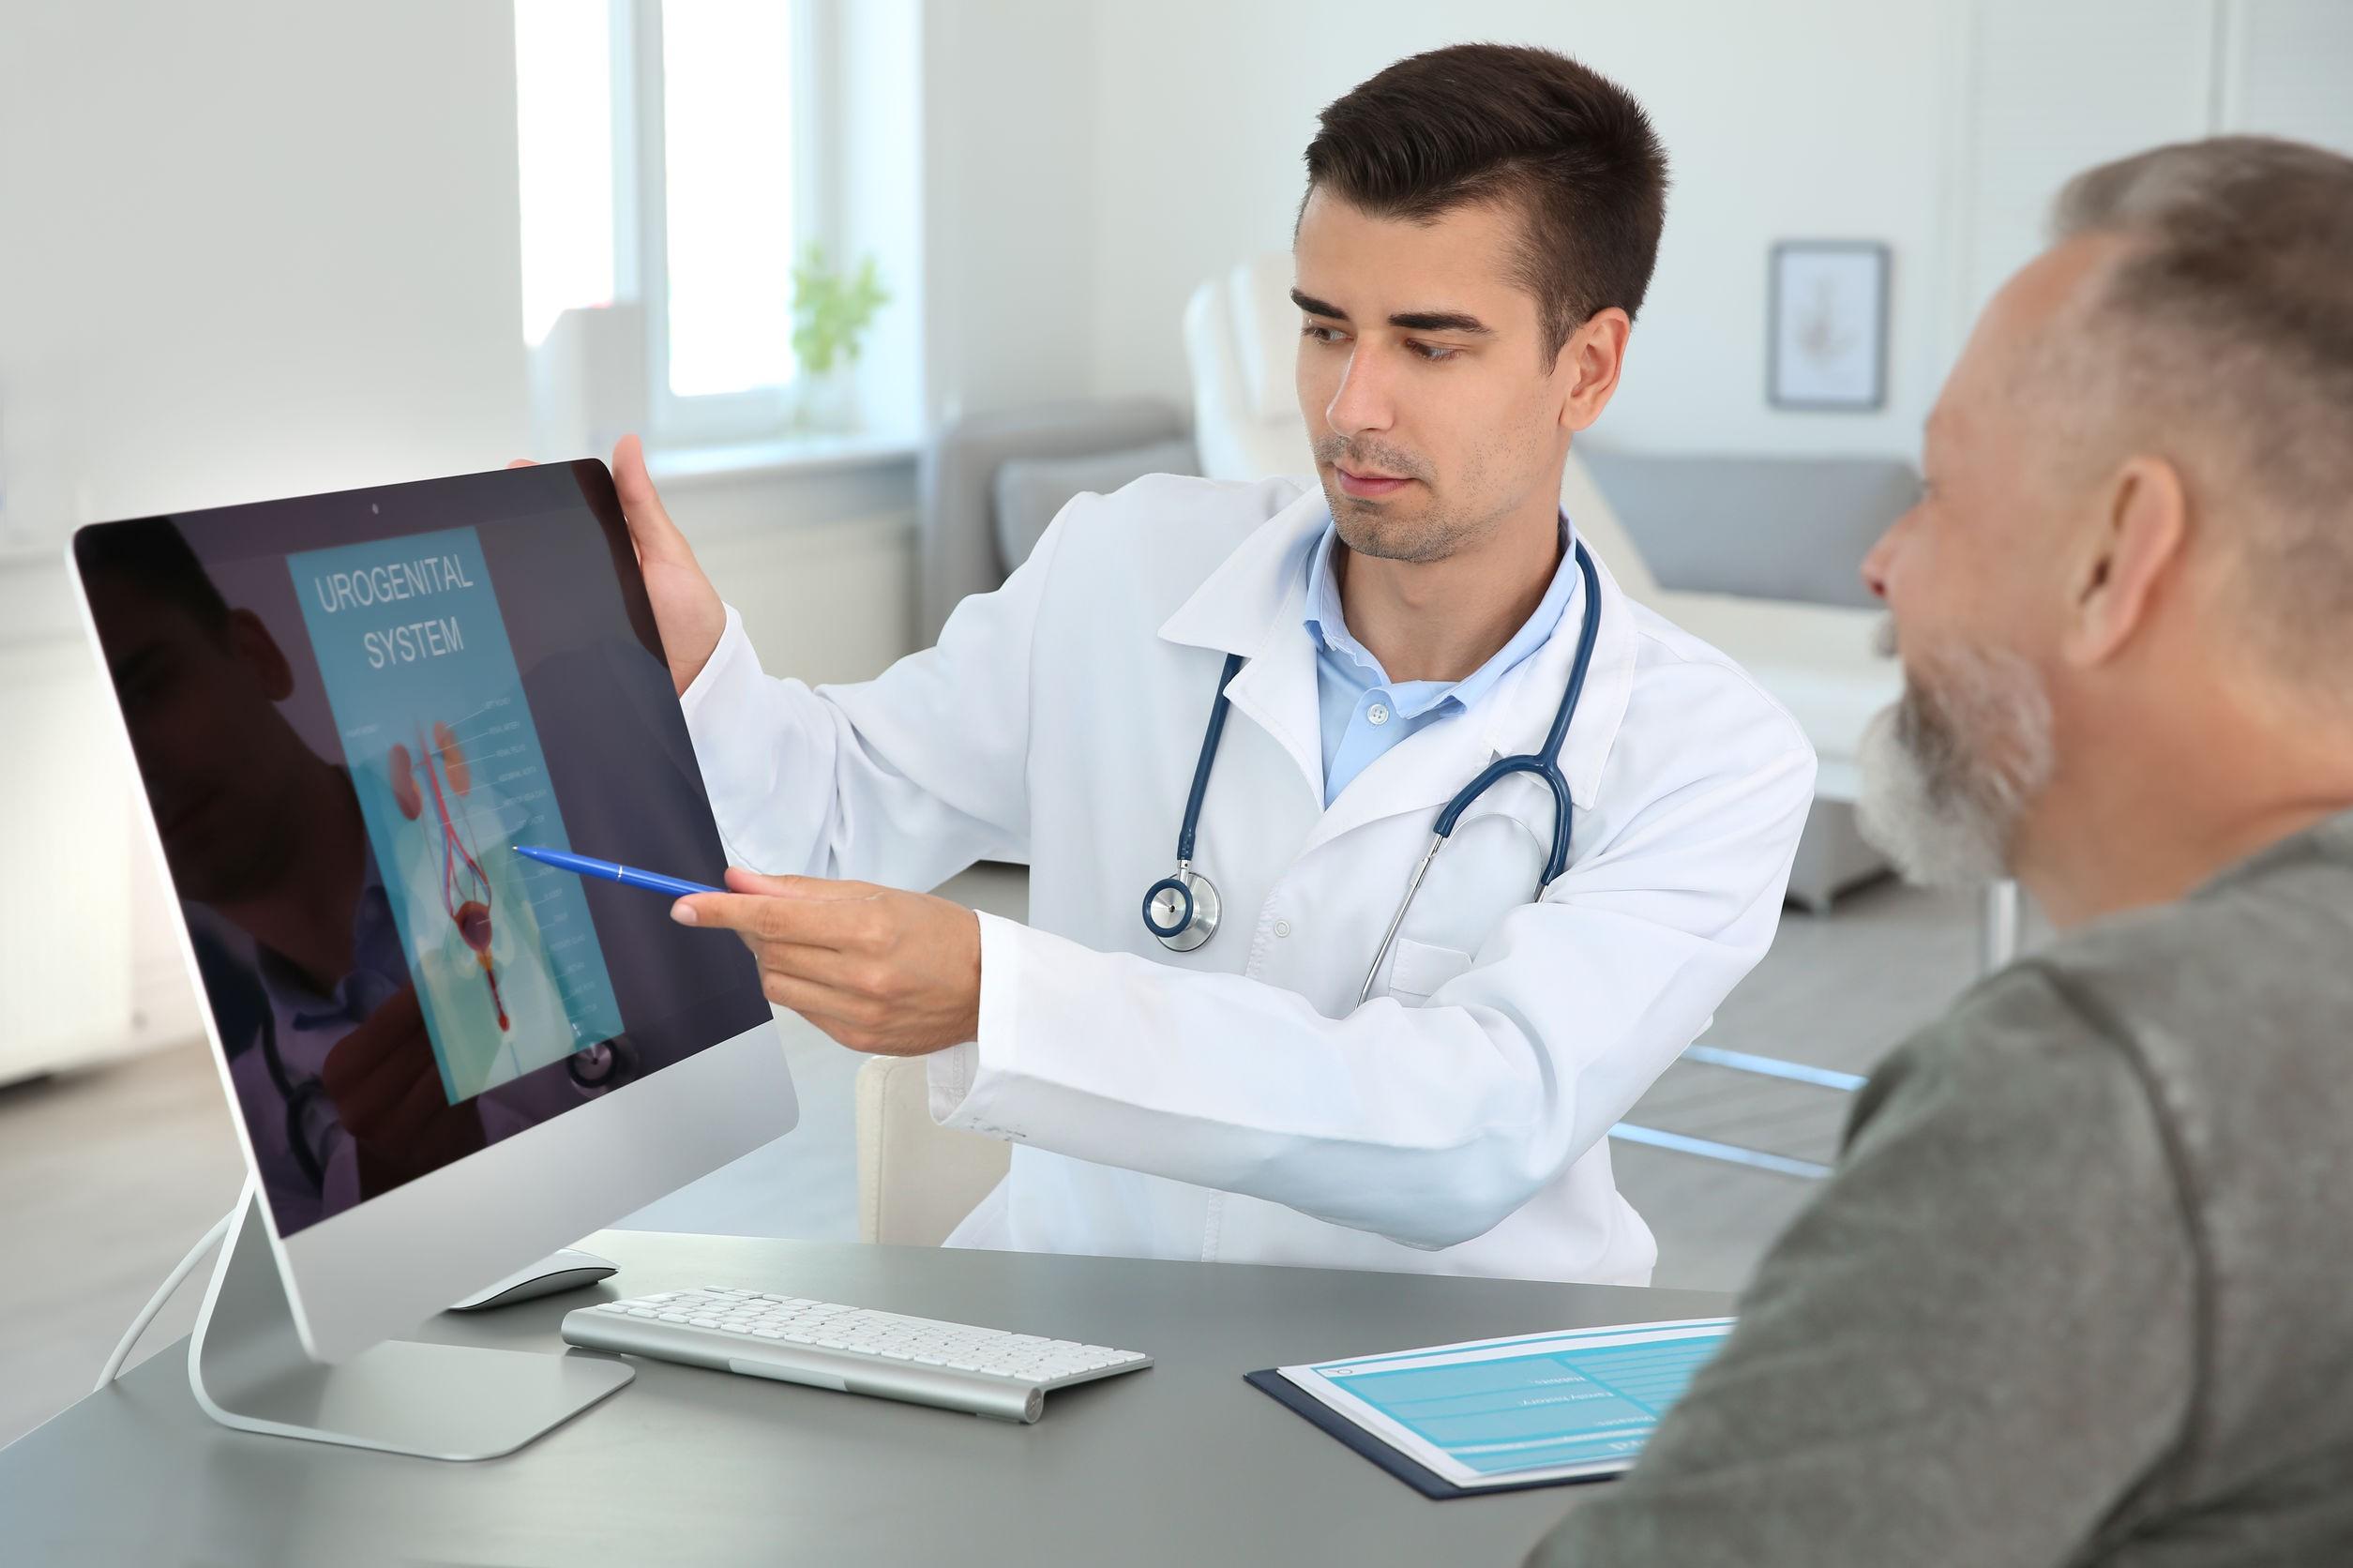 Arts legt prostaatkanker uit